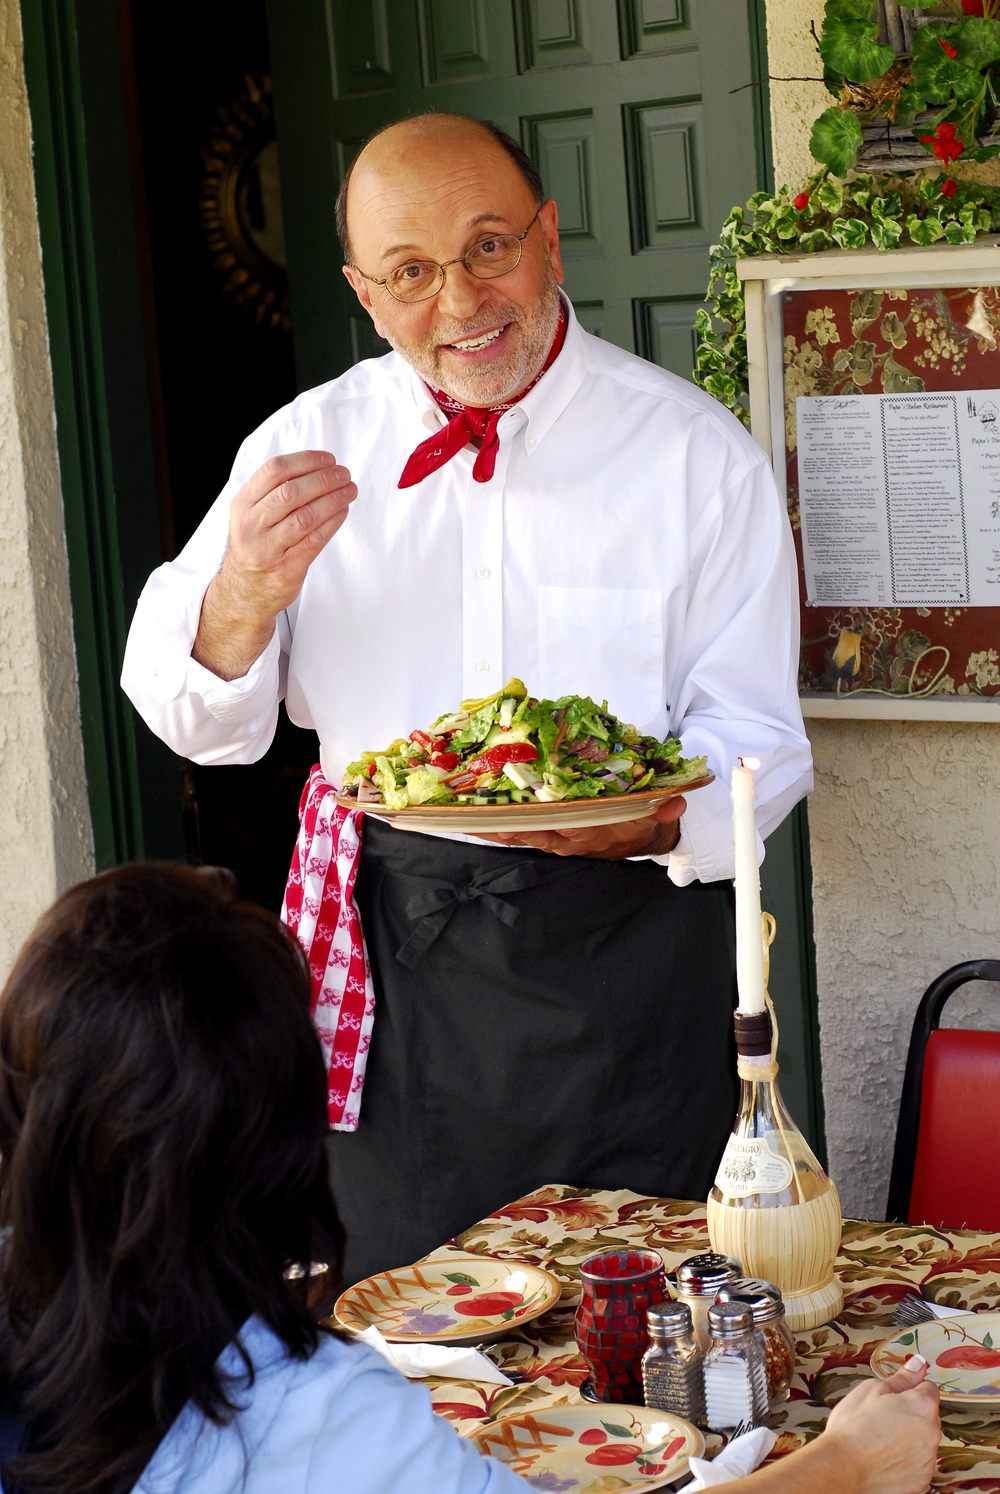 g002.waiter.jpg